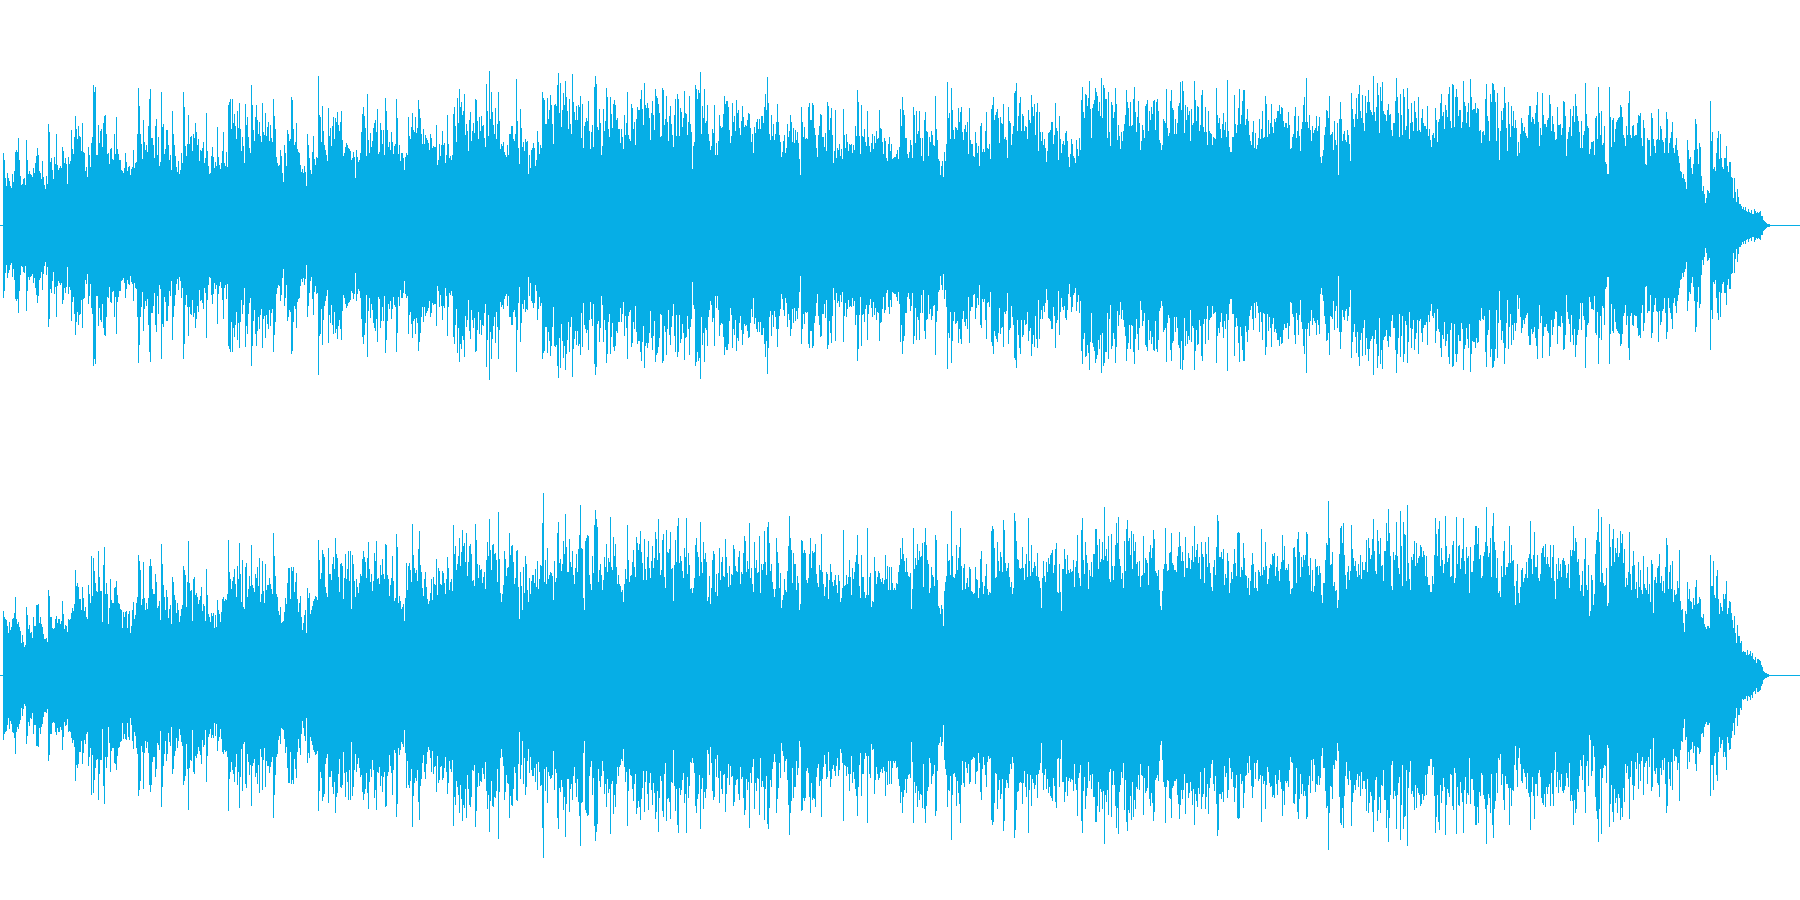 感傷的なピアノバラード(フルサイズ)の再生済みの波形